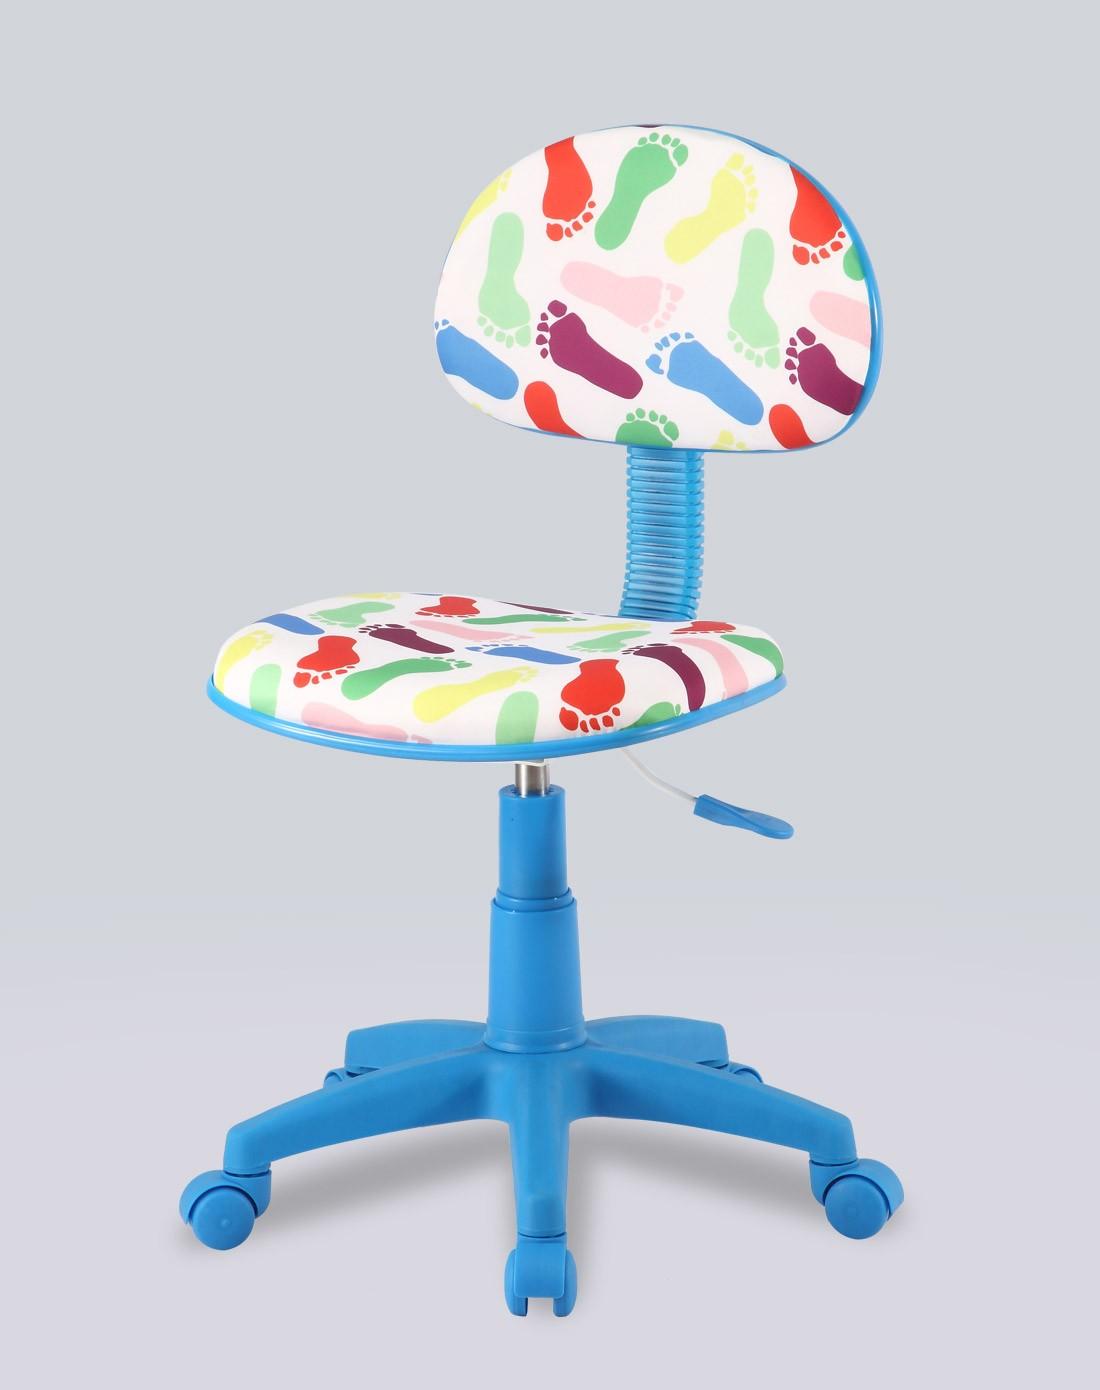 儿童学习椅bs030